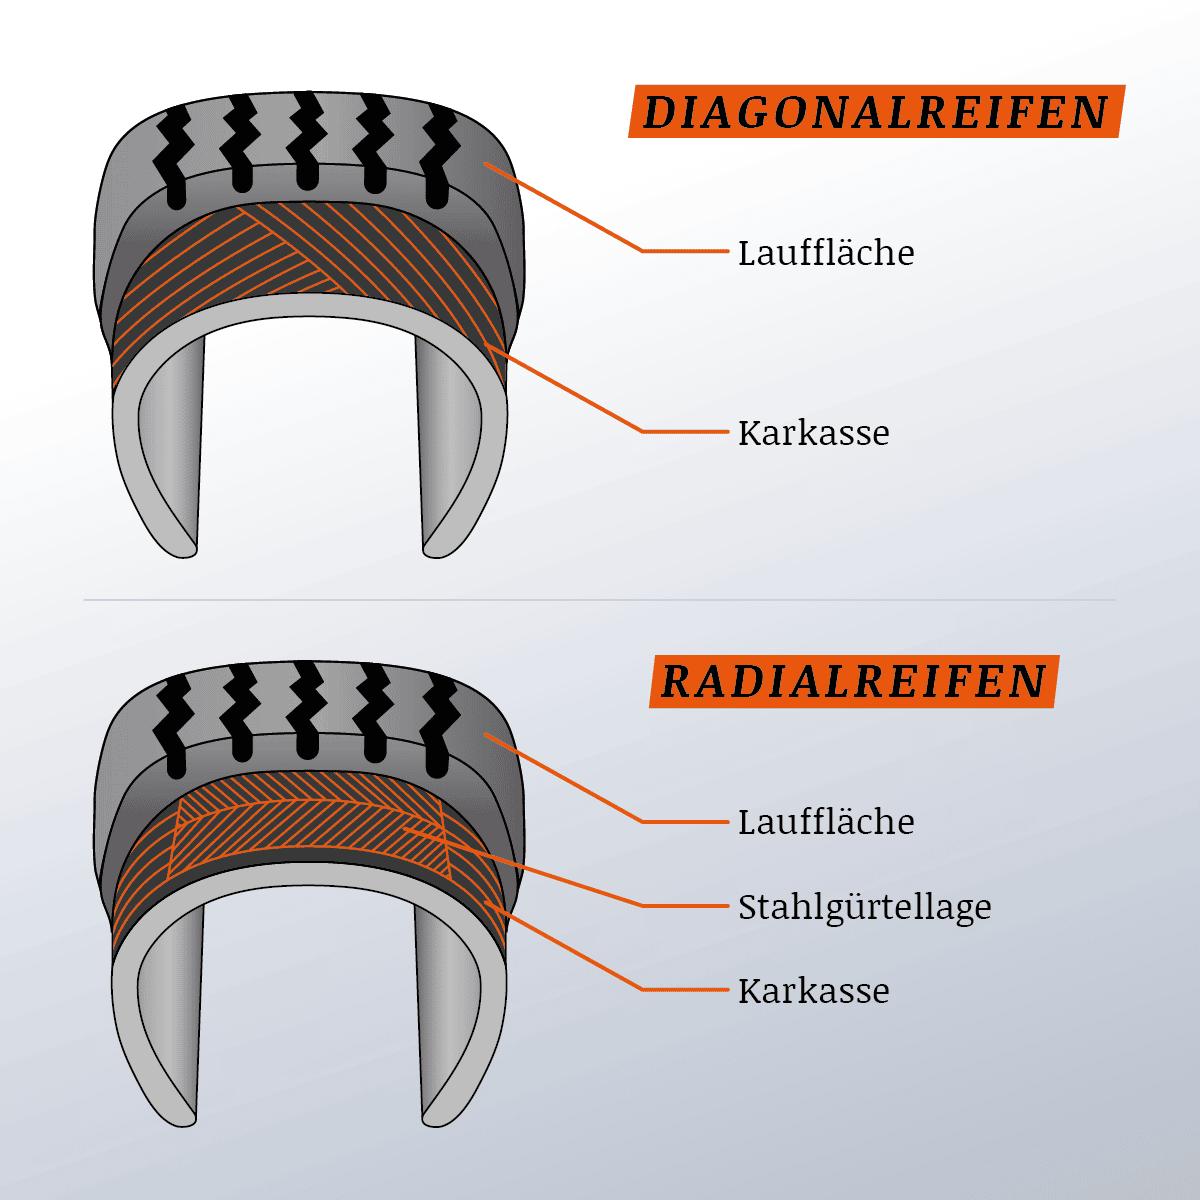 Radialreifen und Diagonalreifen: Wie unterscheiden sich die zwei Reifentypen?